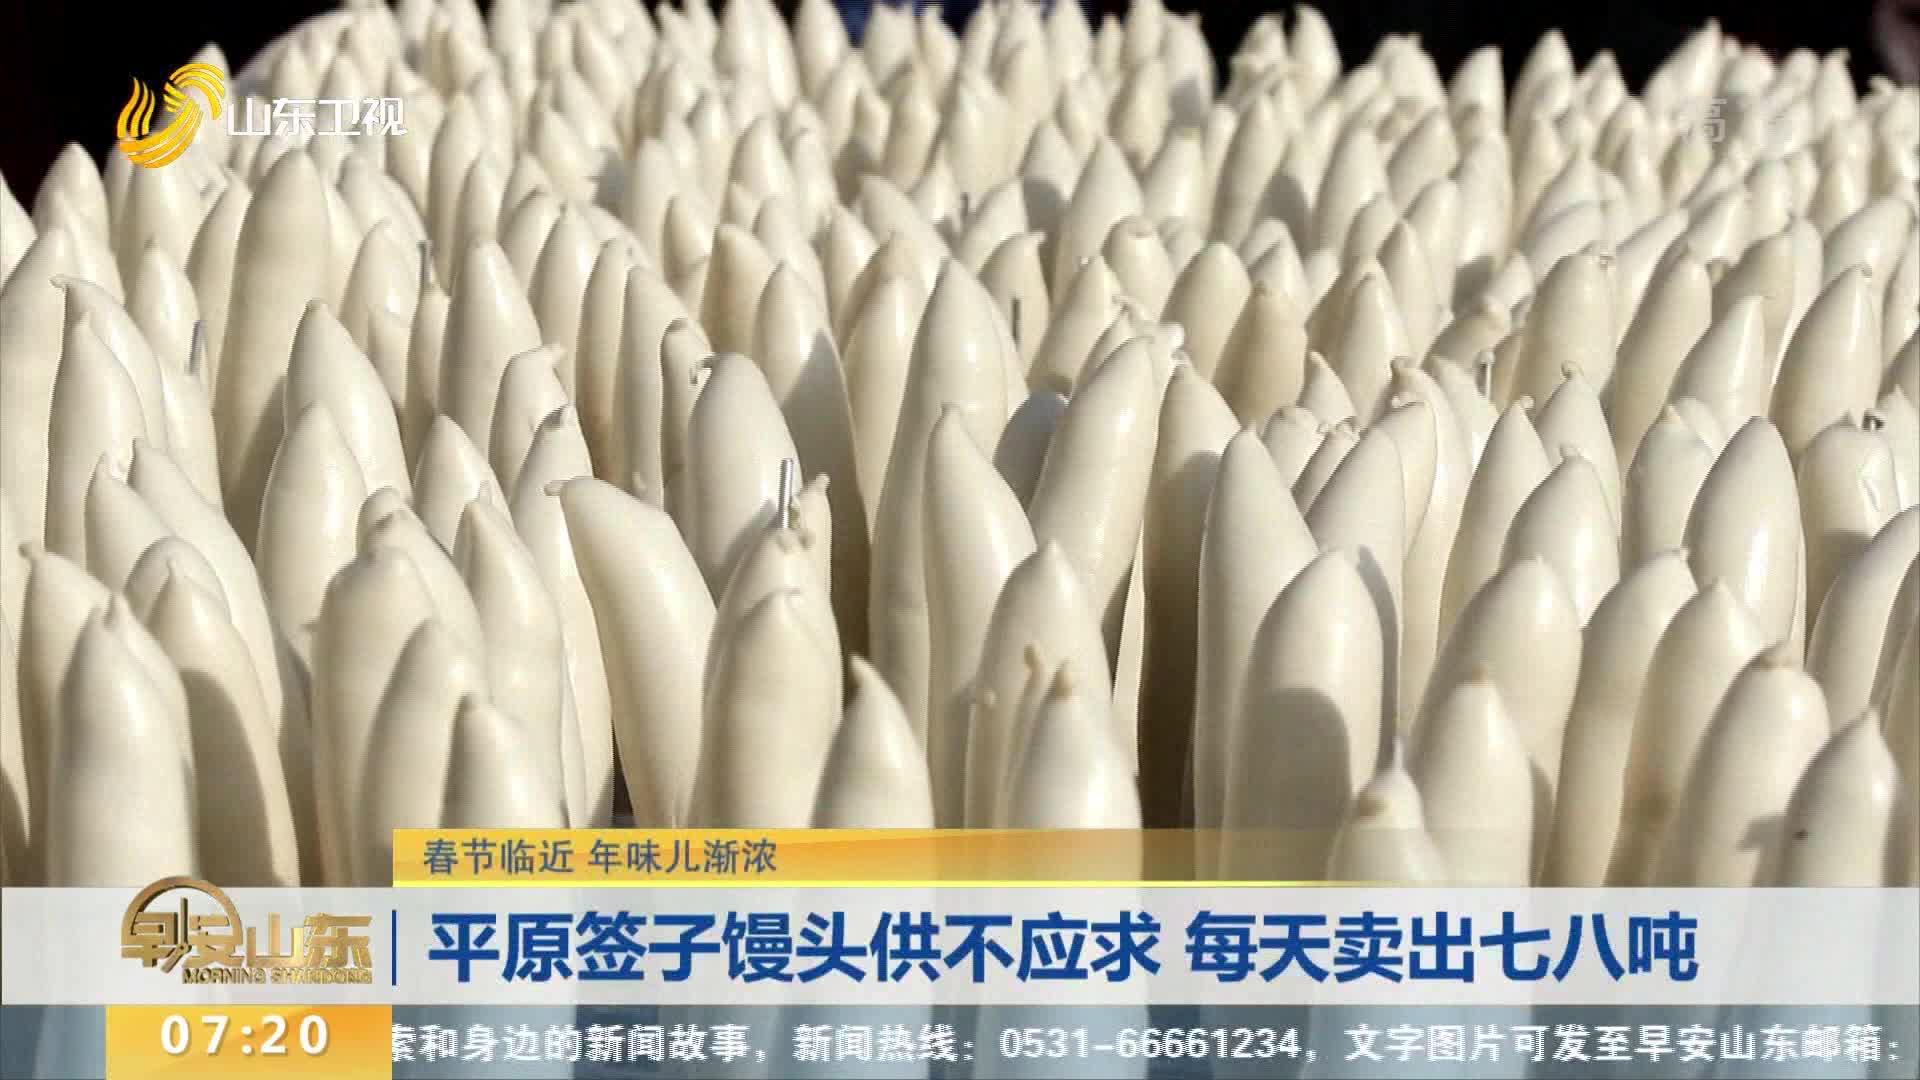 平原签子馒头供不应求 每天卖出七八吨